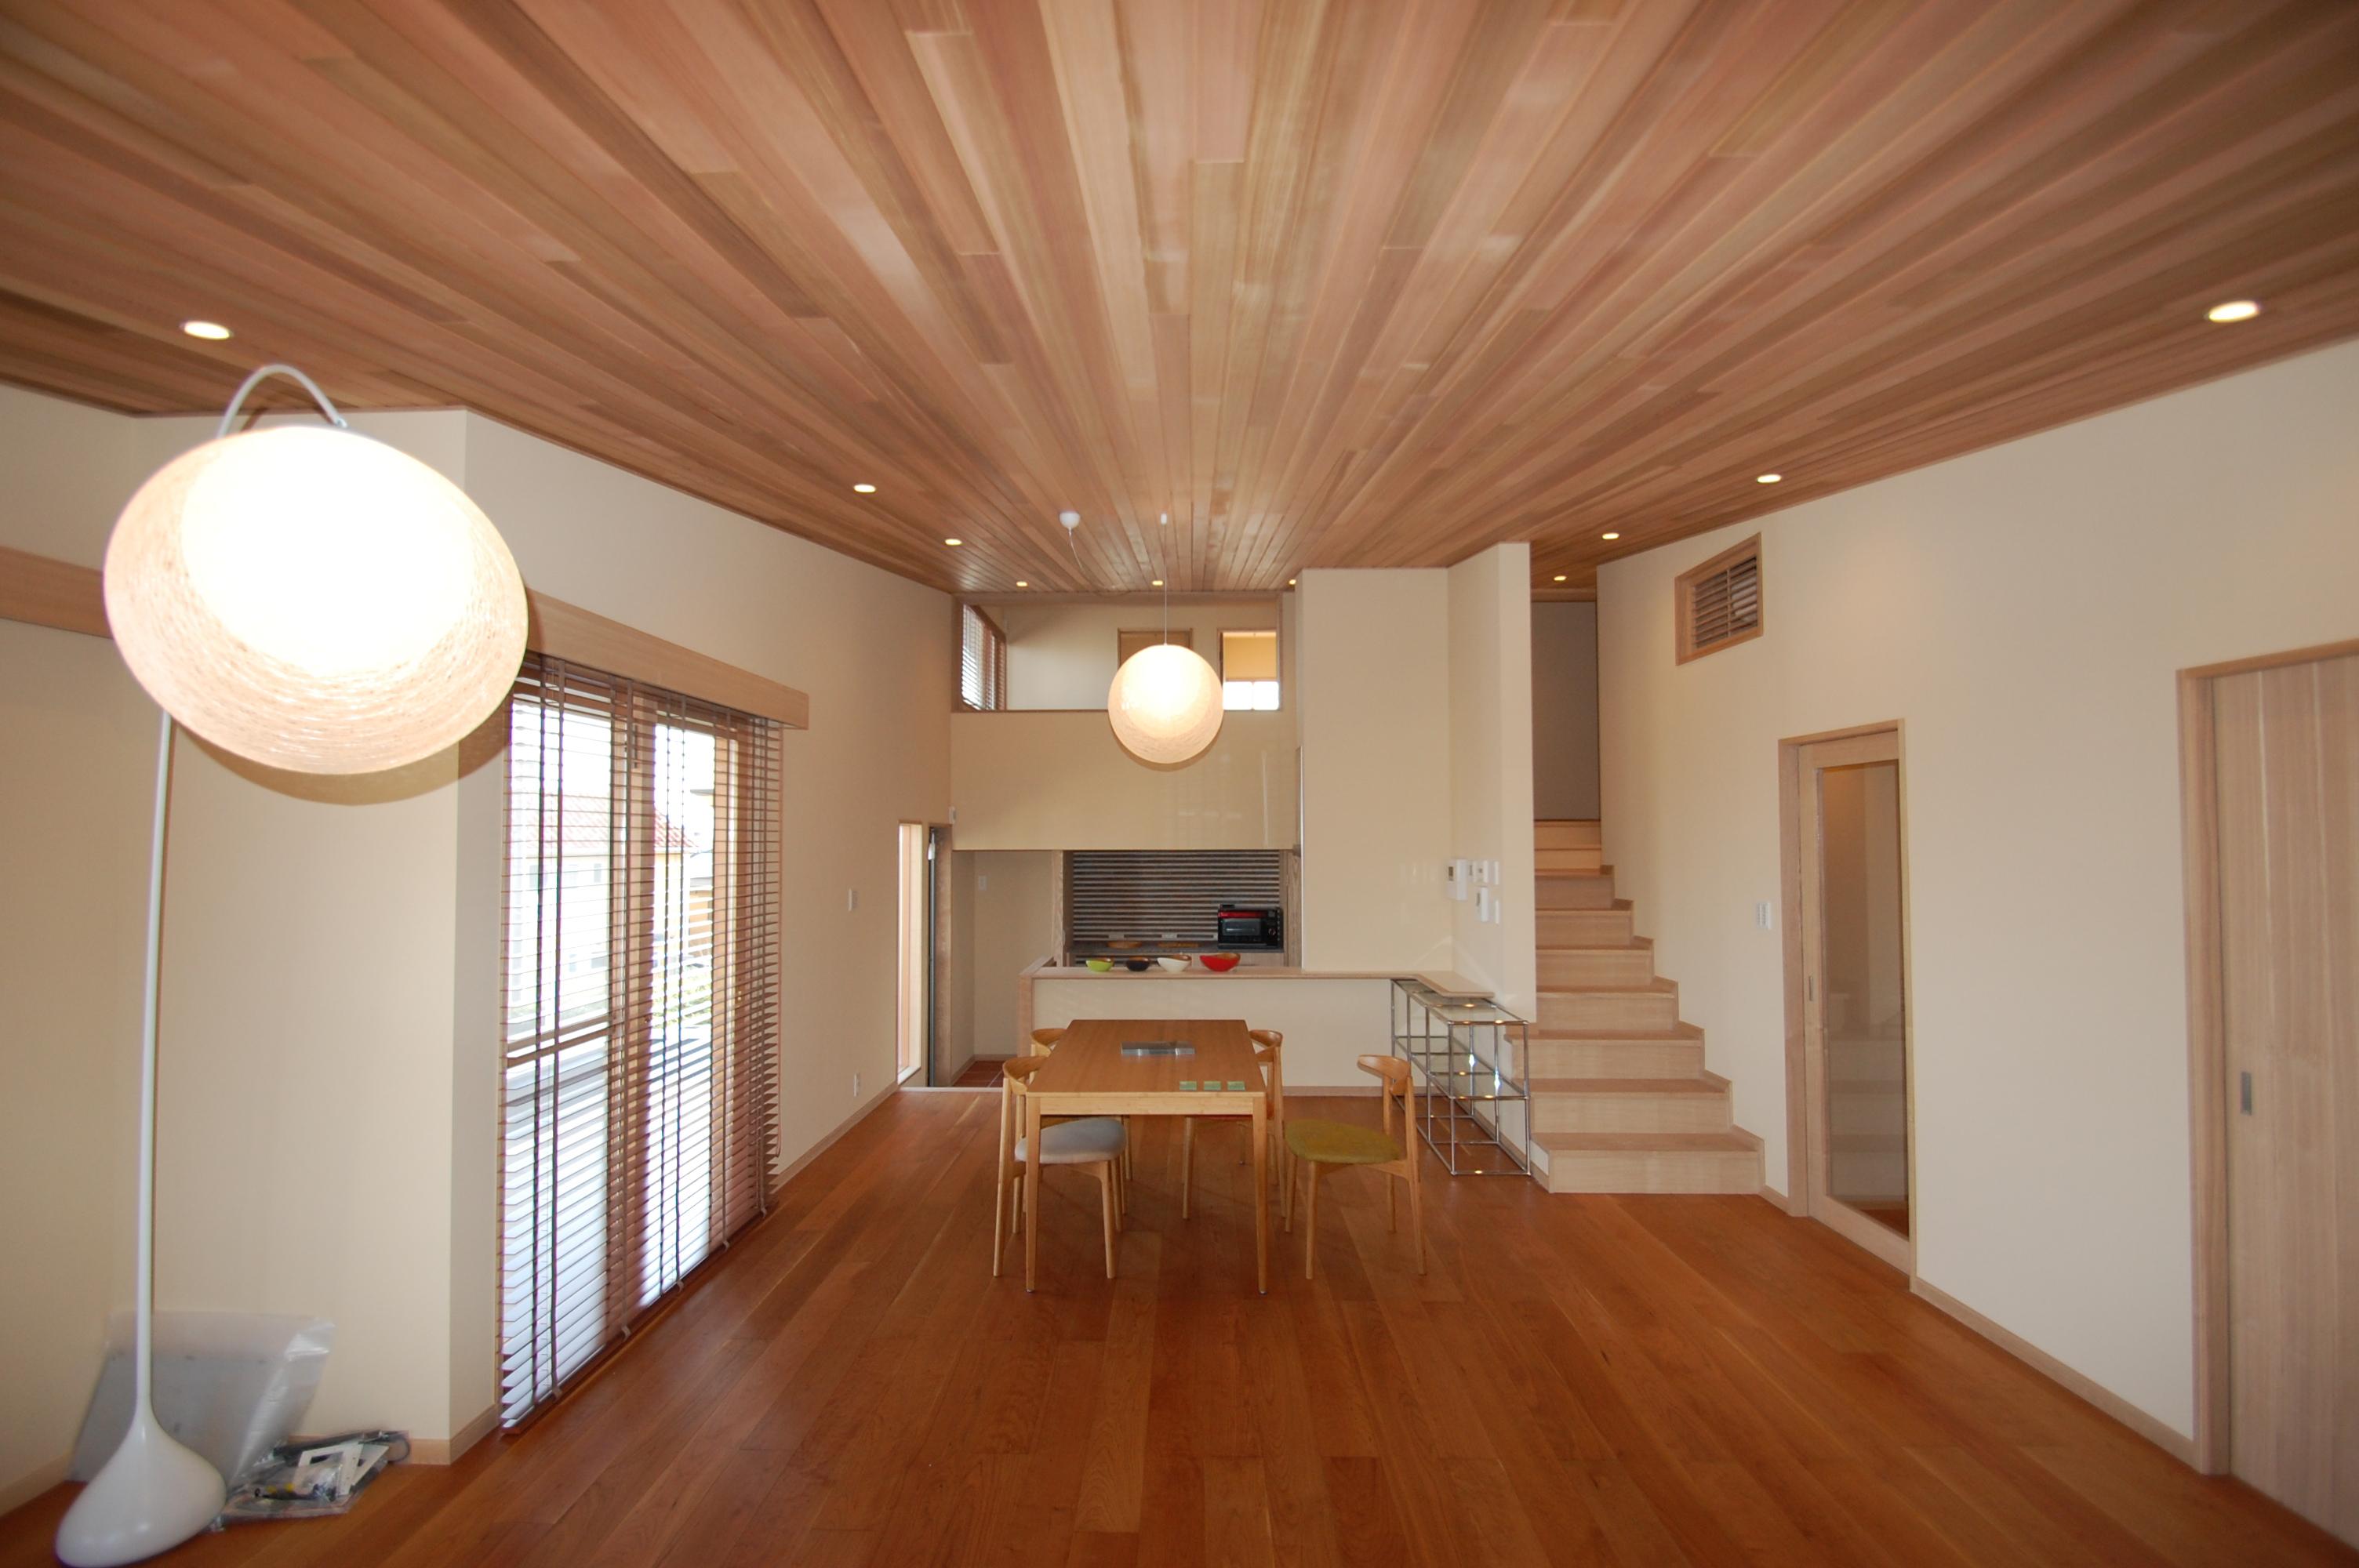 注文住宅 K様邸のLDK 2012/12/17